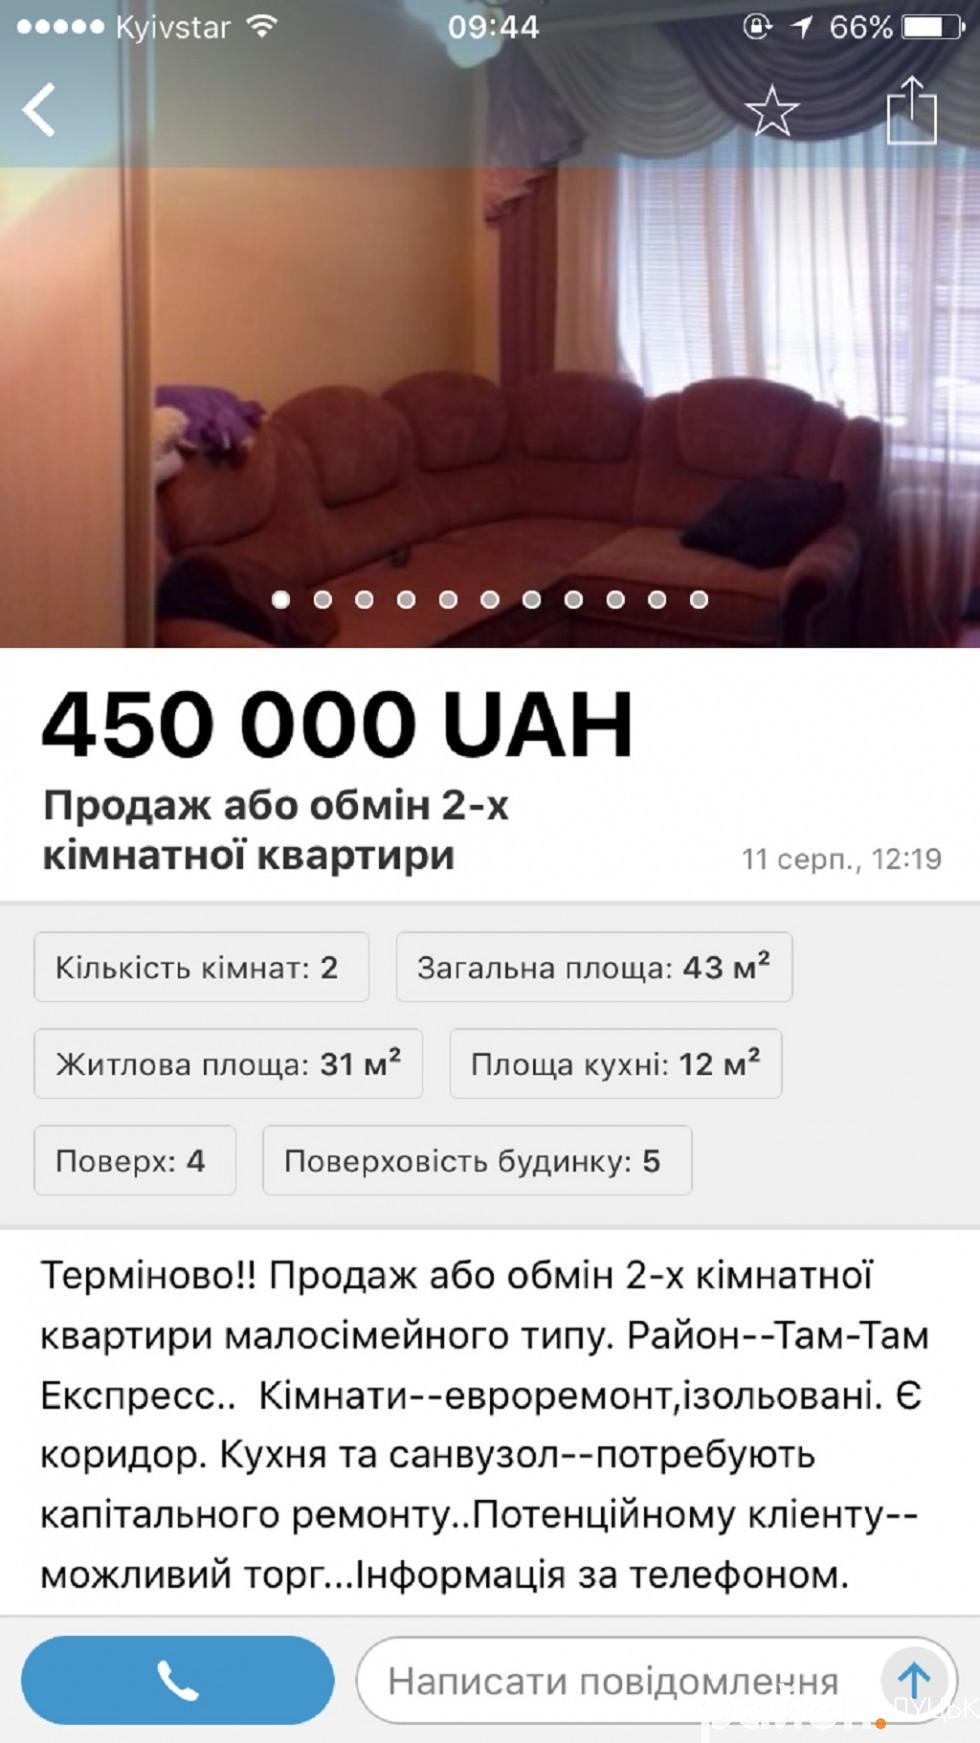 Оголошення на ОЛХ про продаж кімнат, де проживає сім'я Данилюків